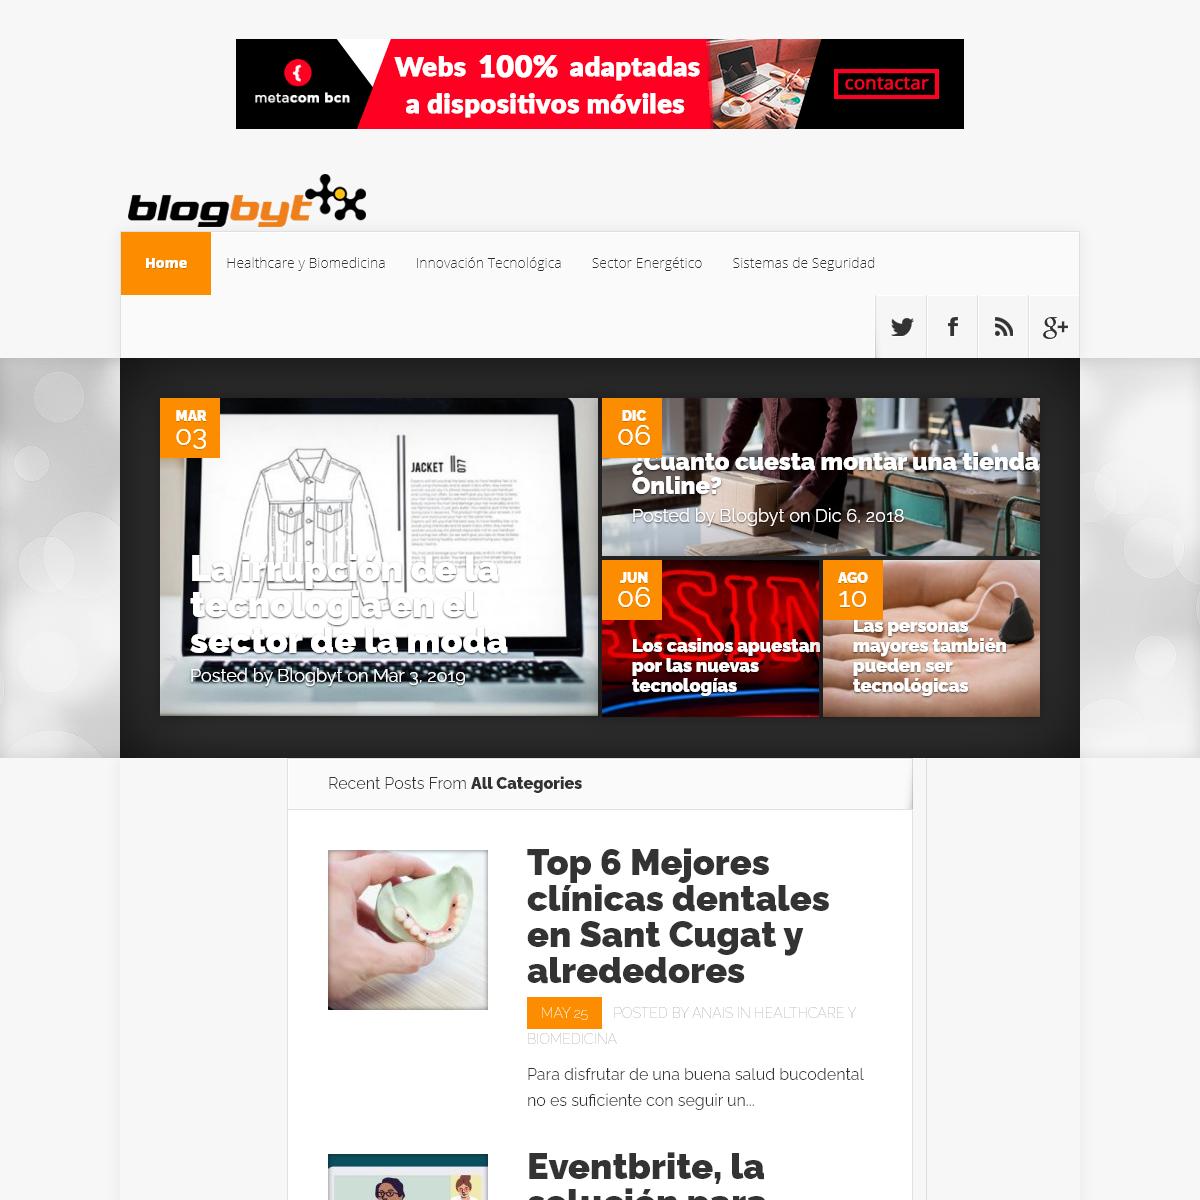 Blog de Tecnología e Internet of Things - Blogbyt.es